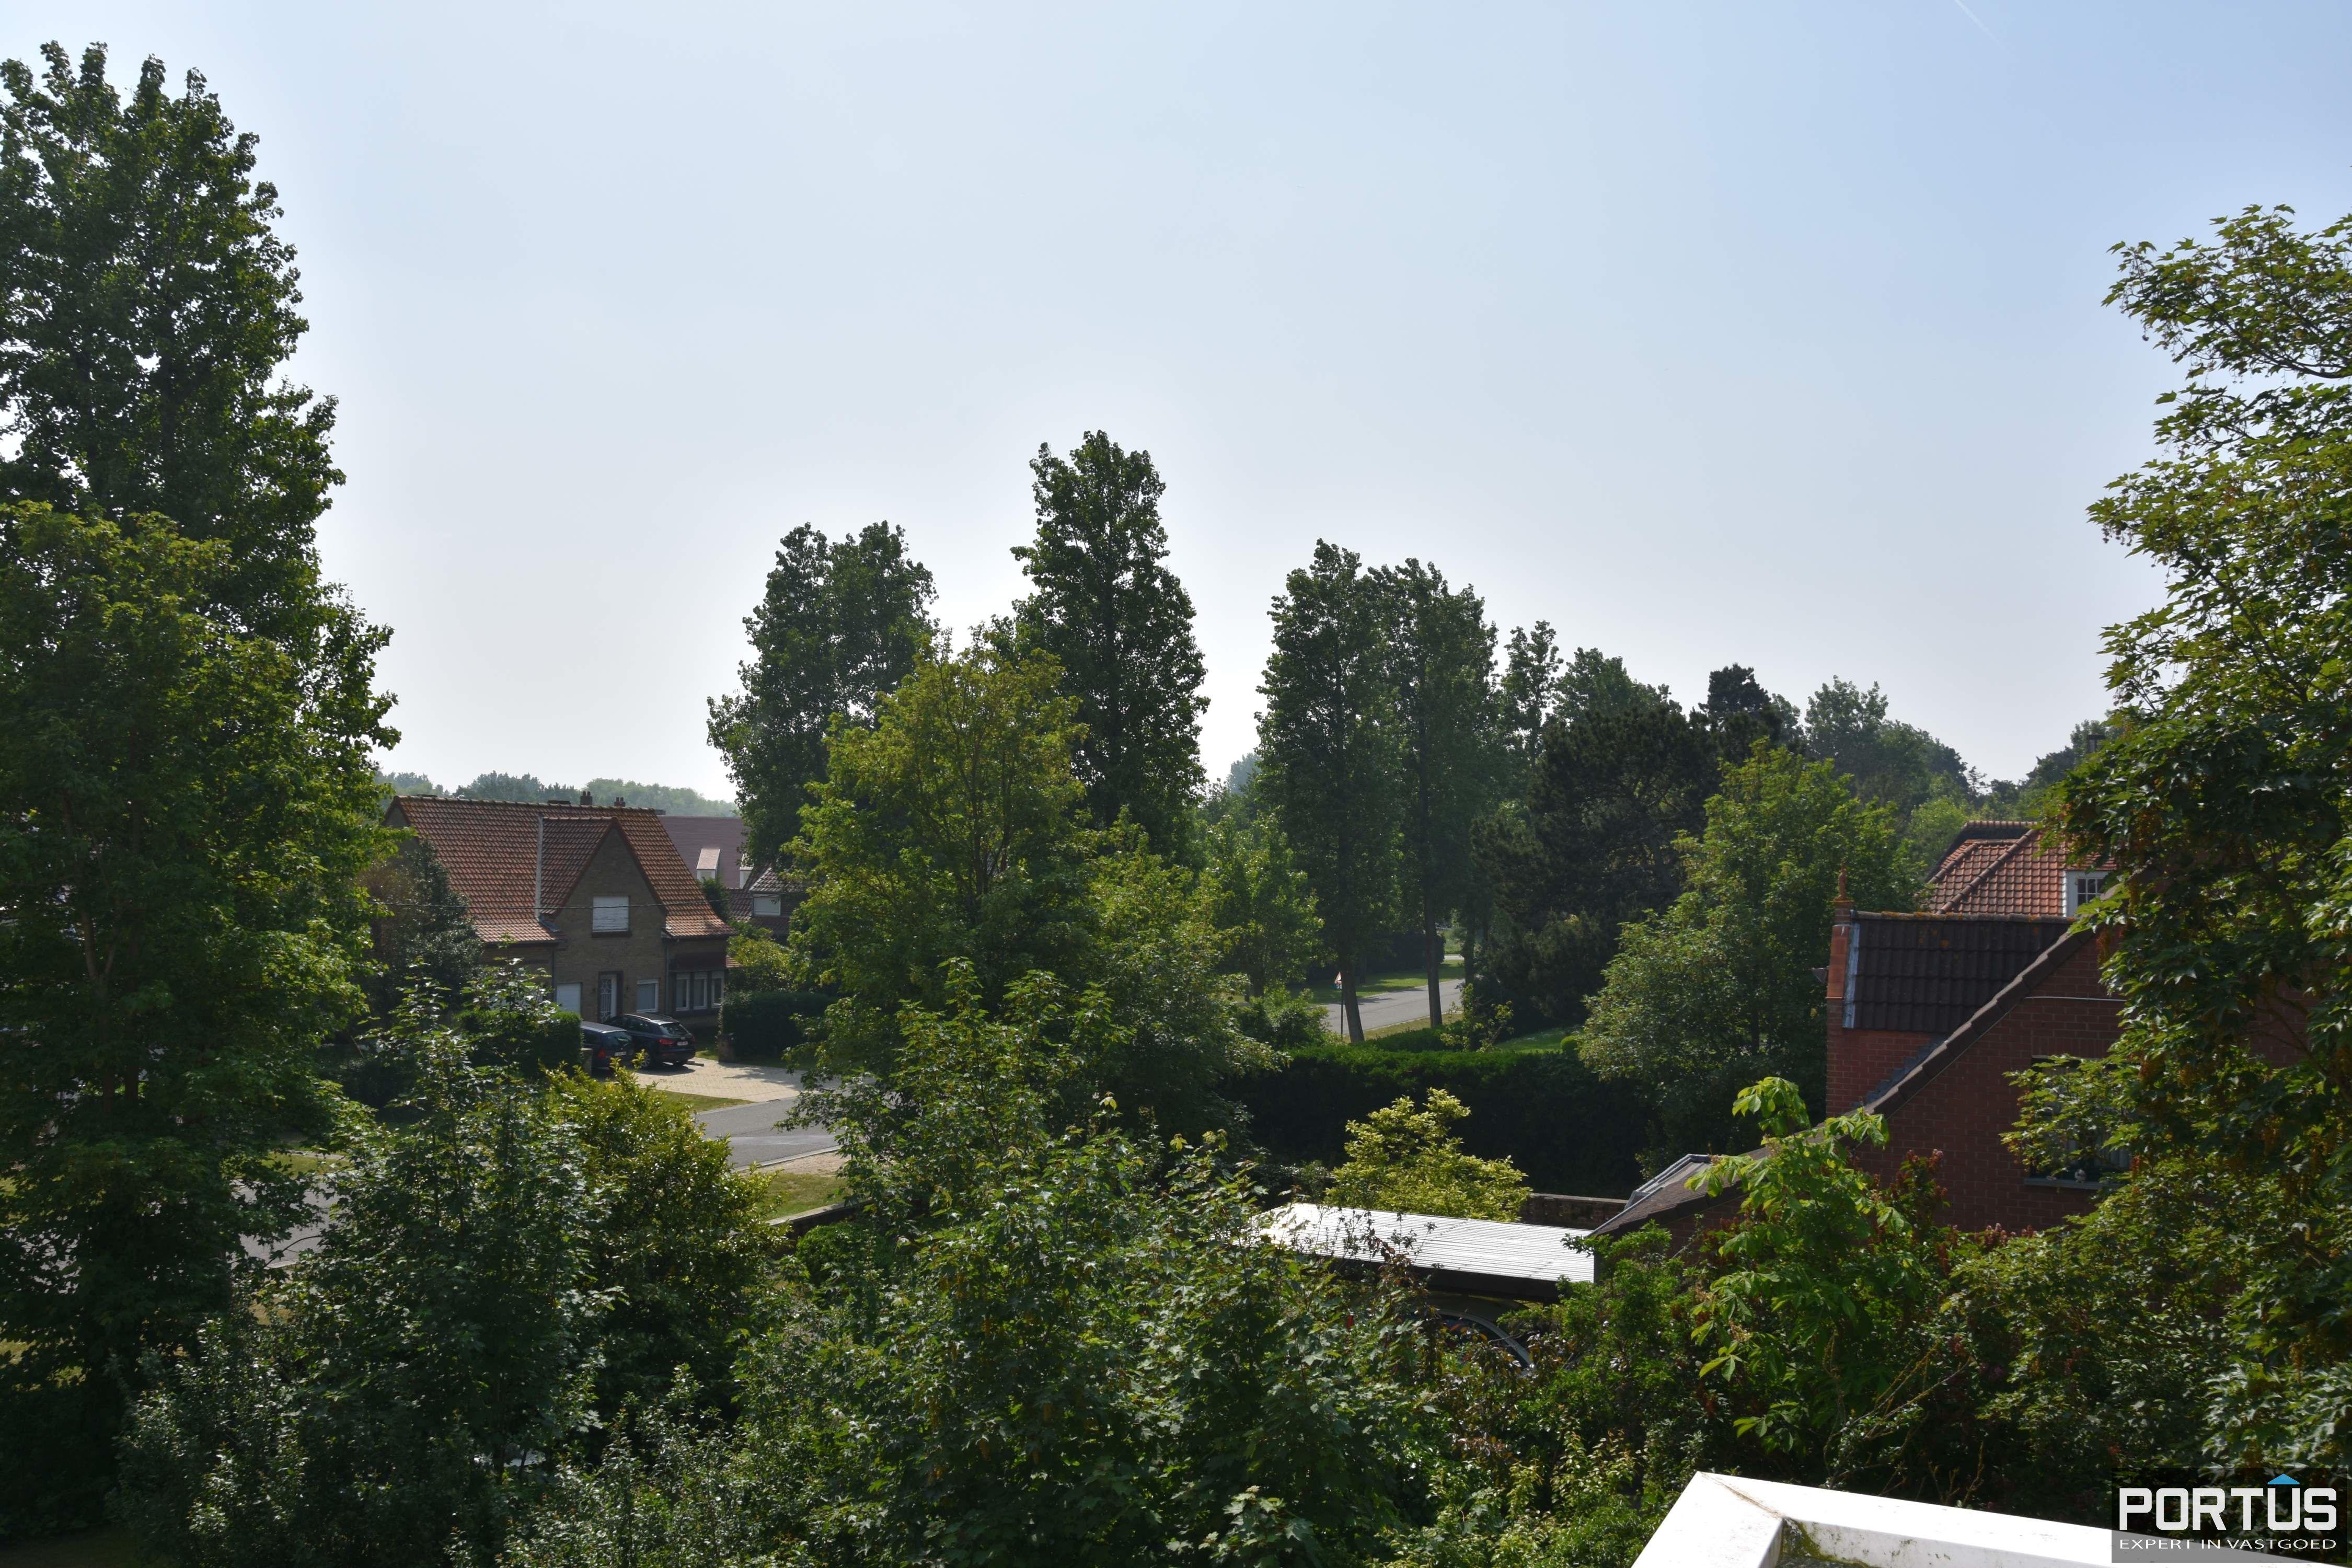 Appartement Residentie Villa Crombez Nieuwpoort - 8385